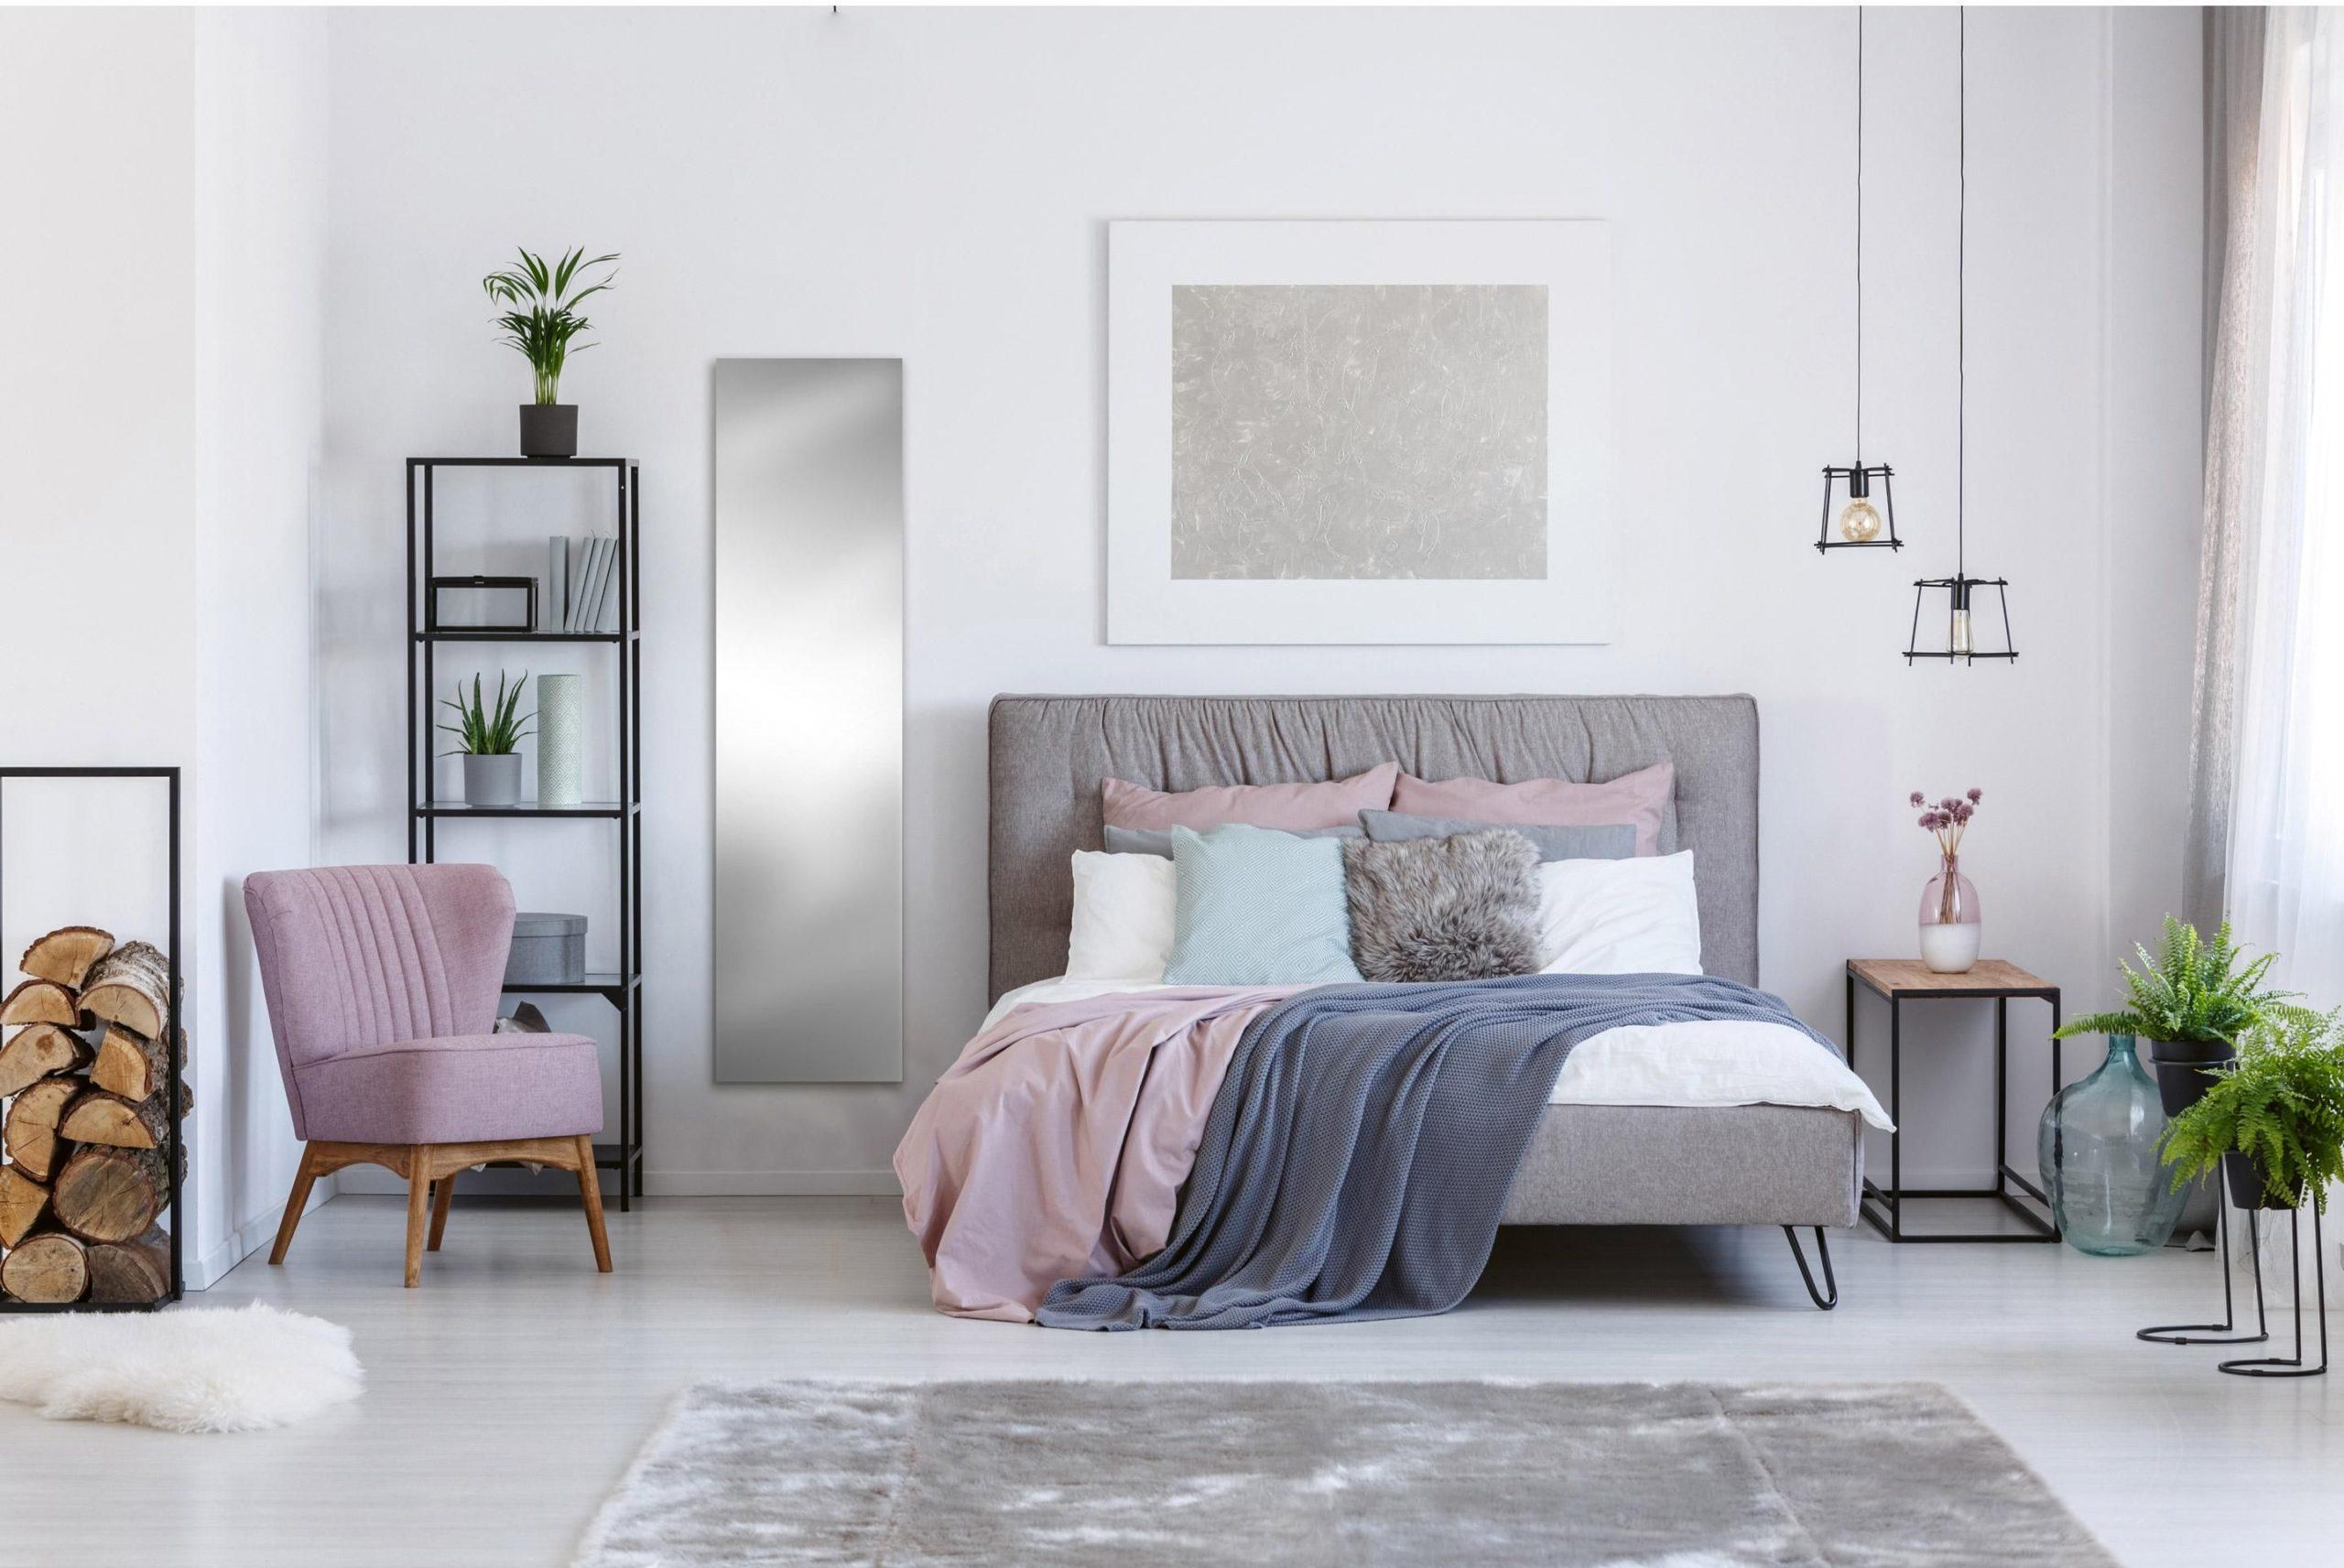 Déco : inspirations pour donner confort à votre chambre